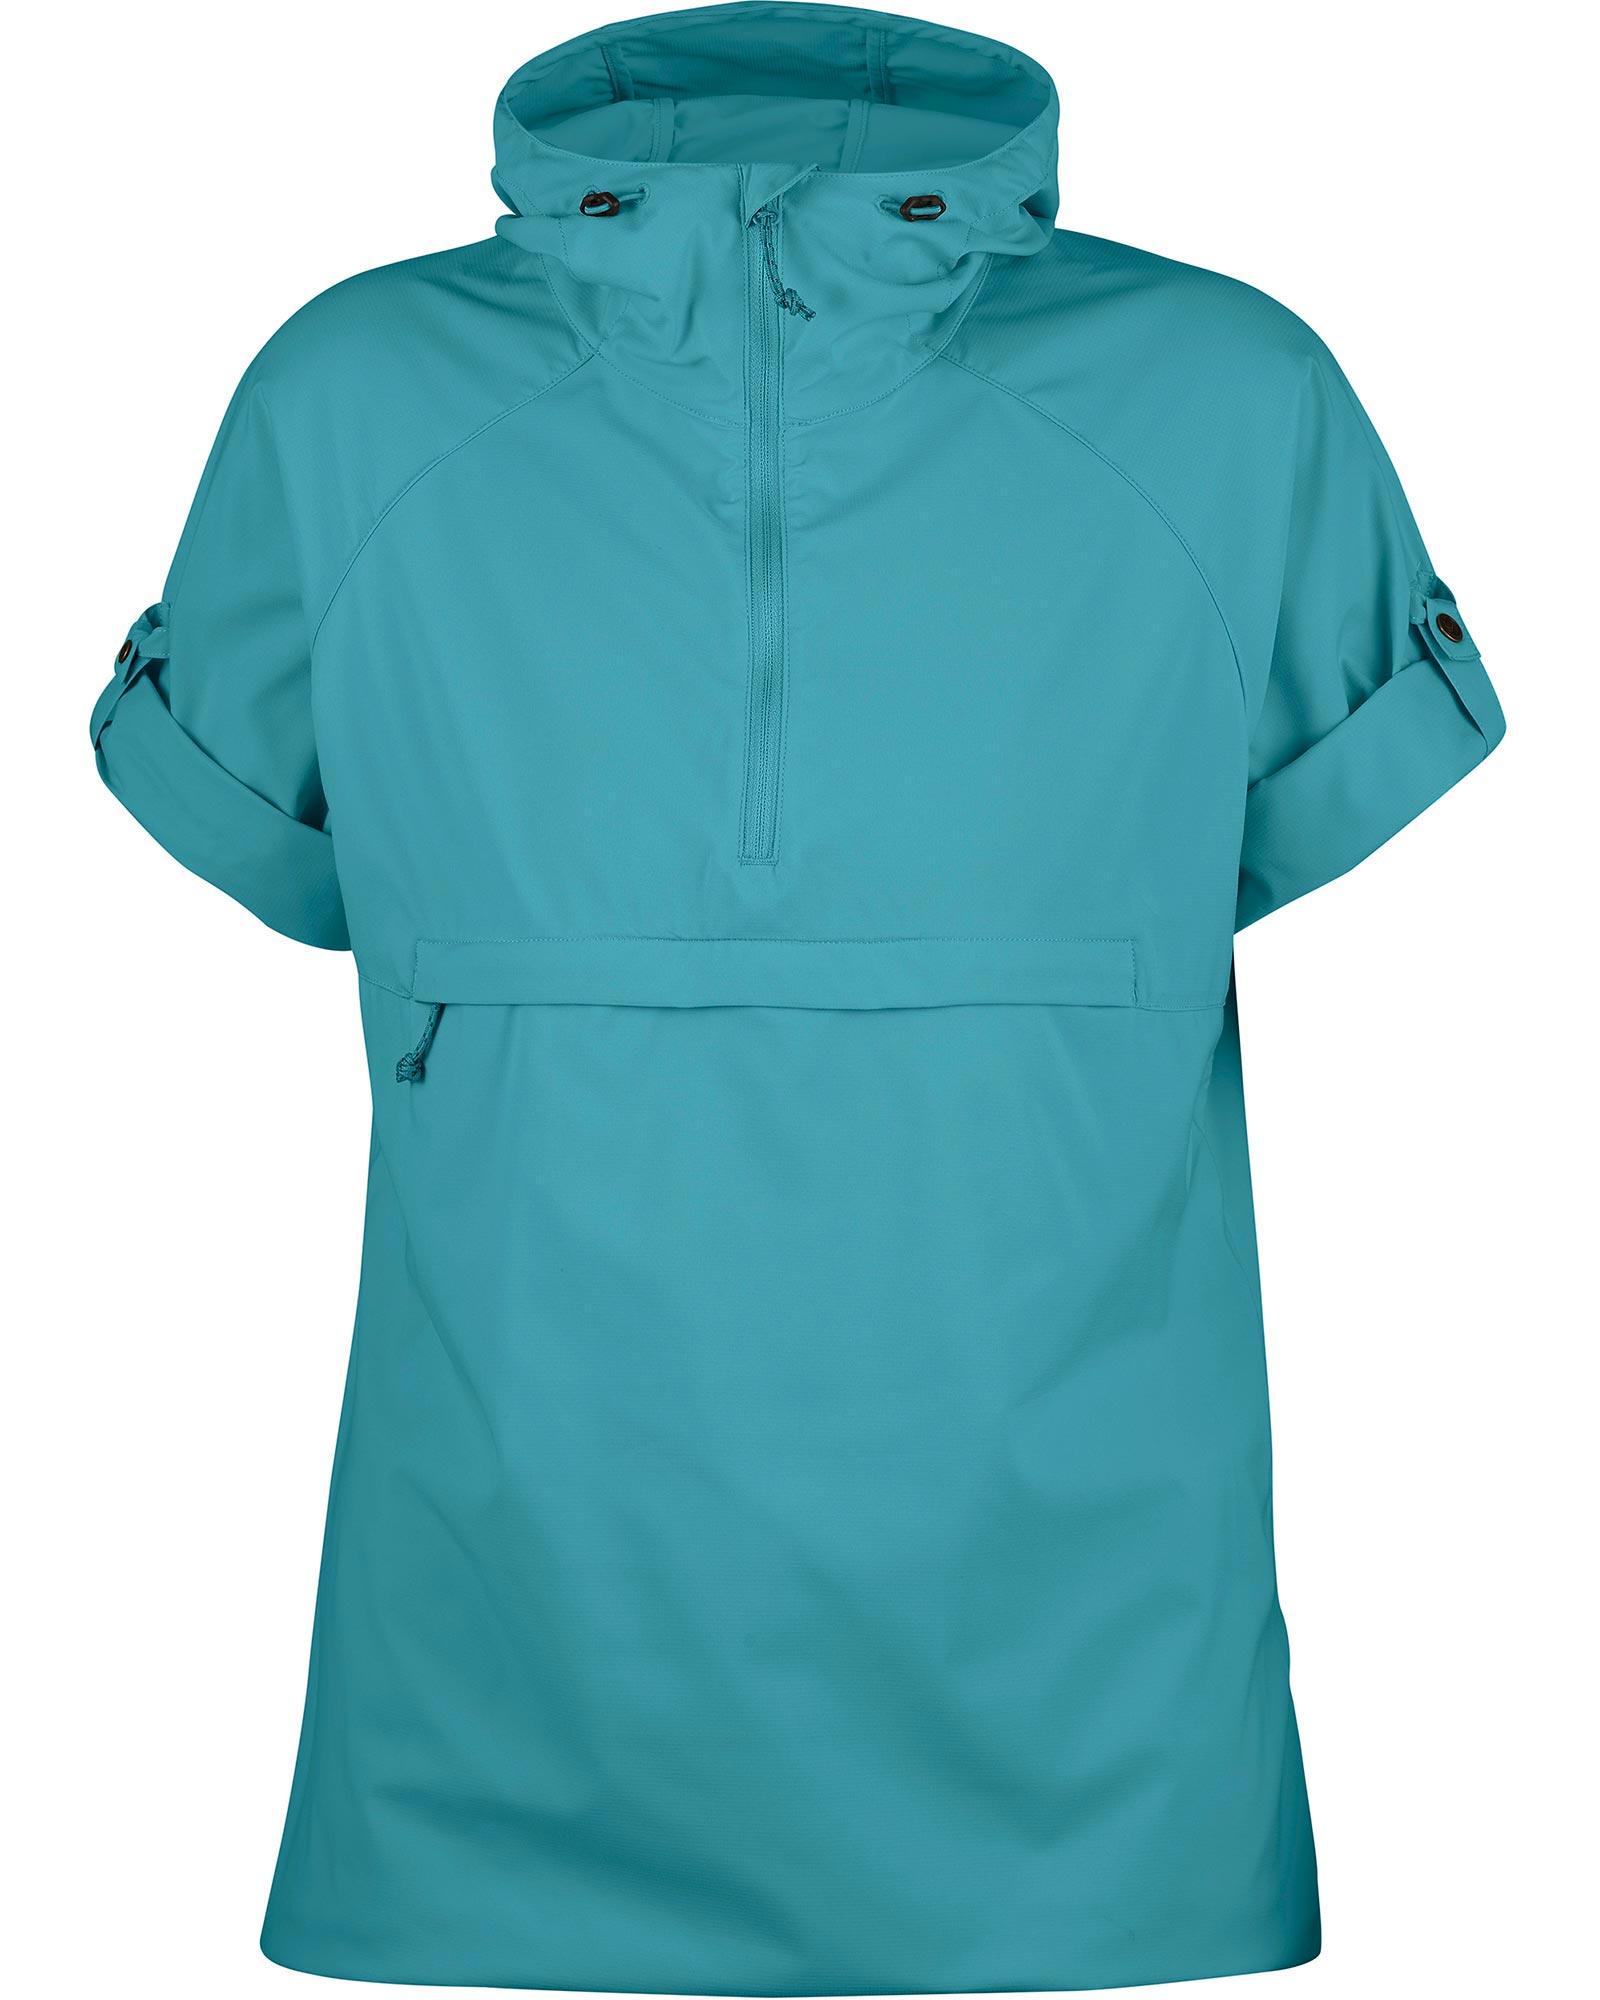 Fjallraven High Coast Hooded Women's Shirt 0